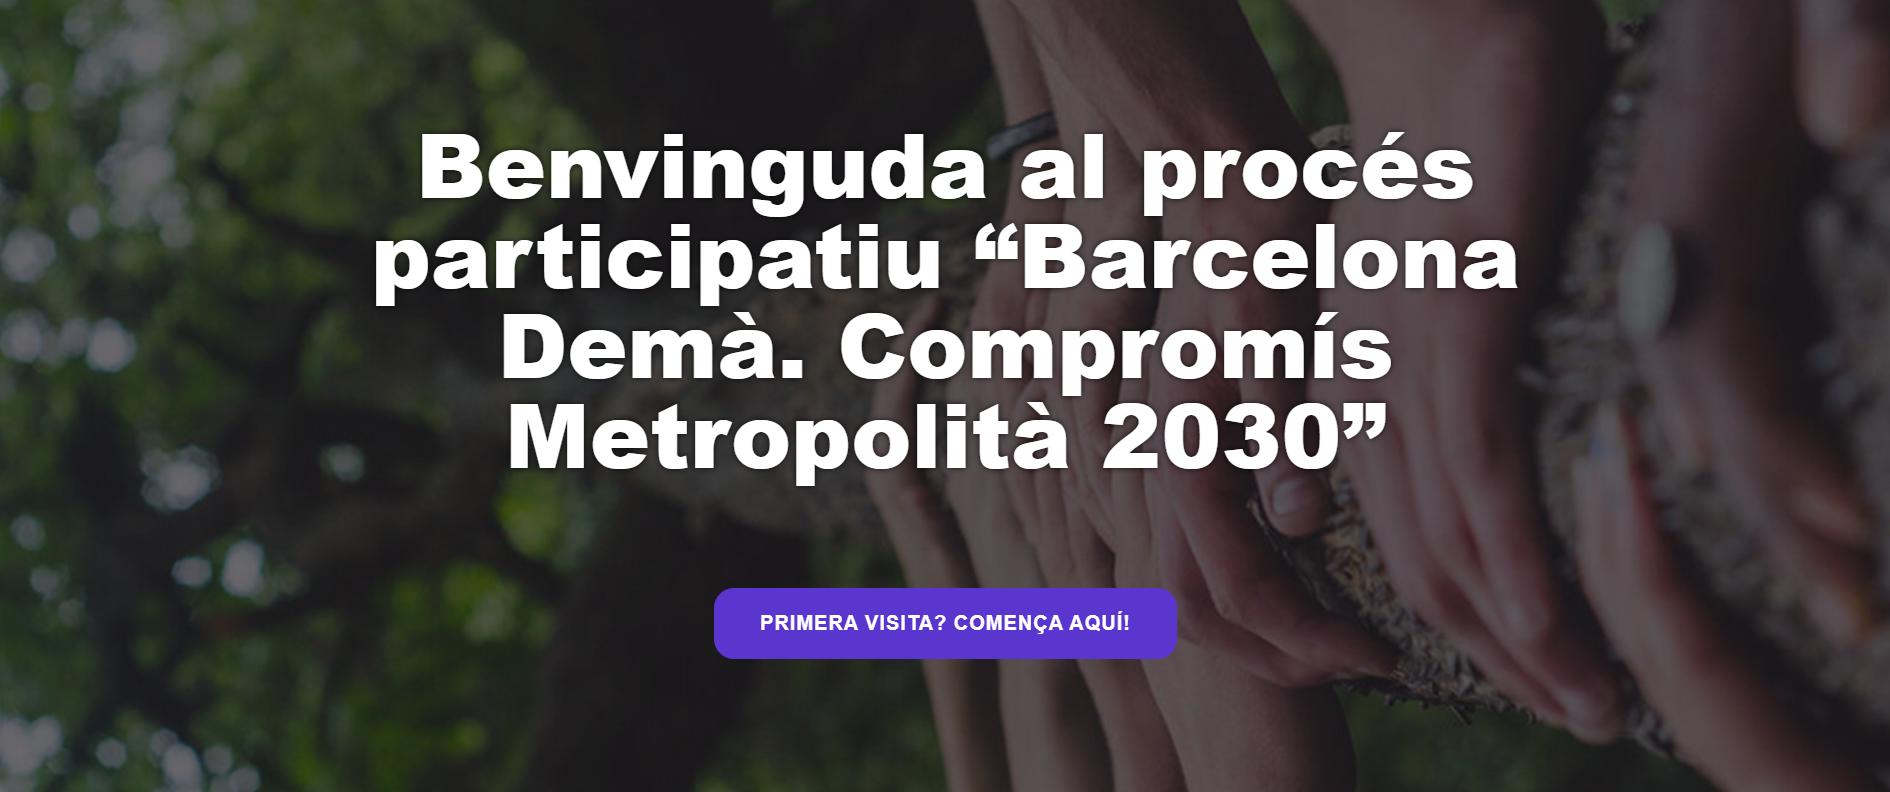 Ya se puede participar en el proceso 'Barcelona Demà'